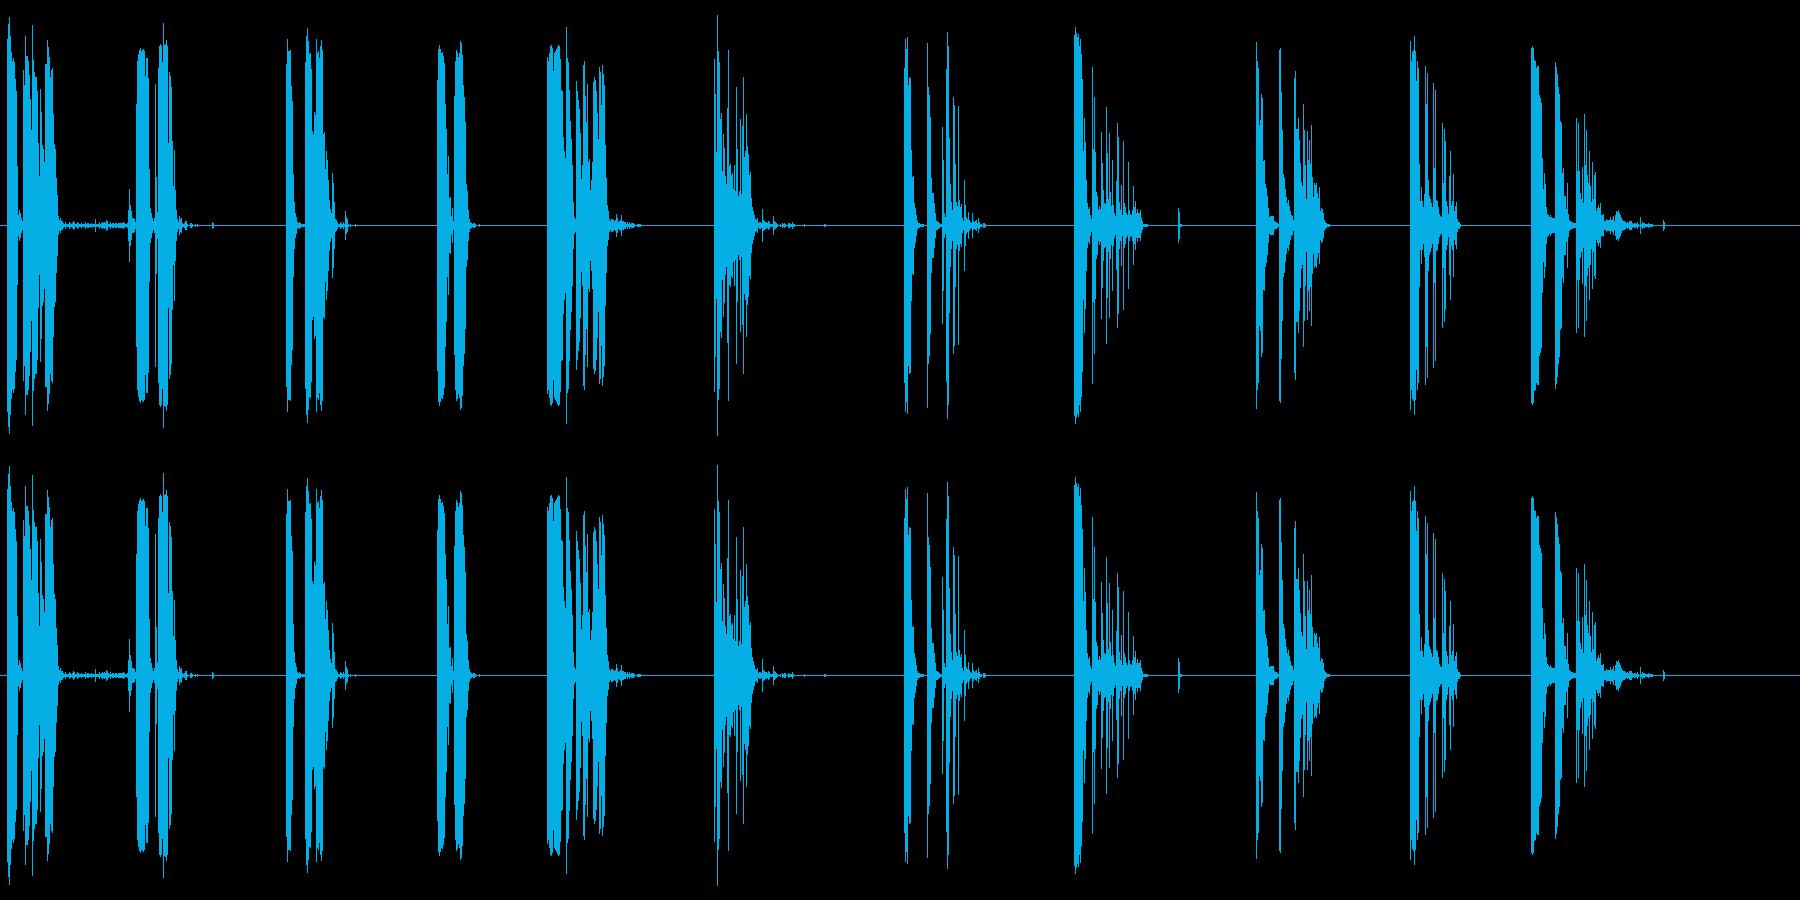 シェルケーシングヒットストーン1-10の再生済みの波形